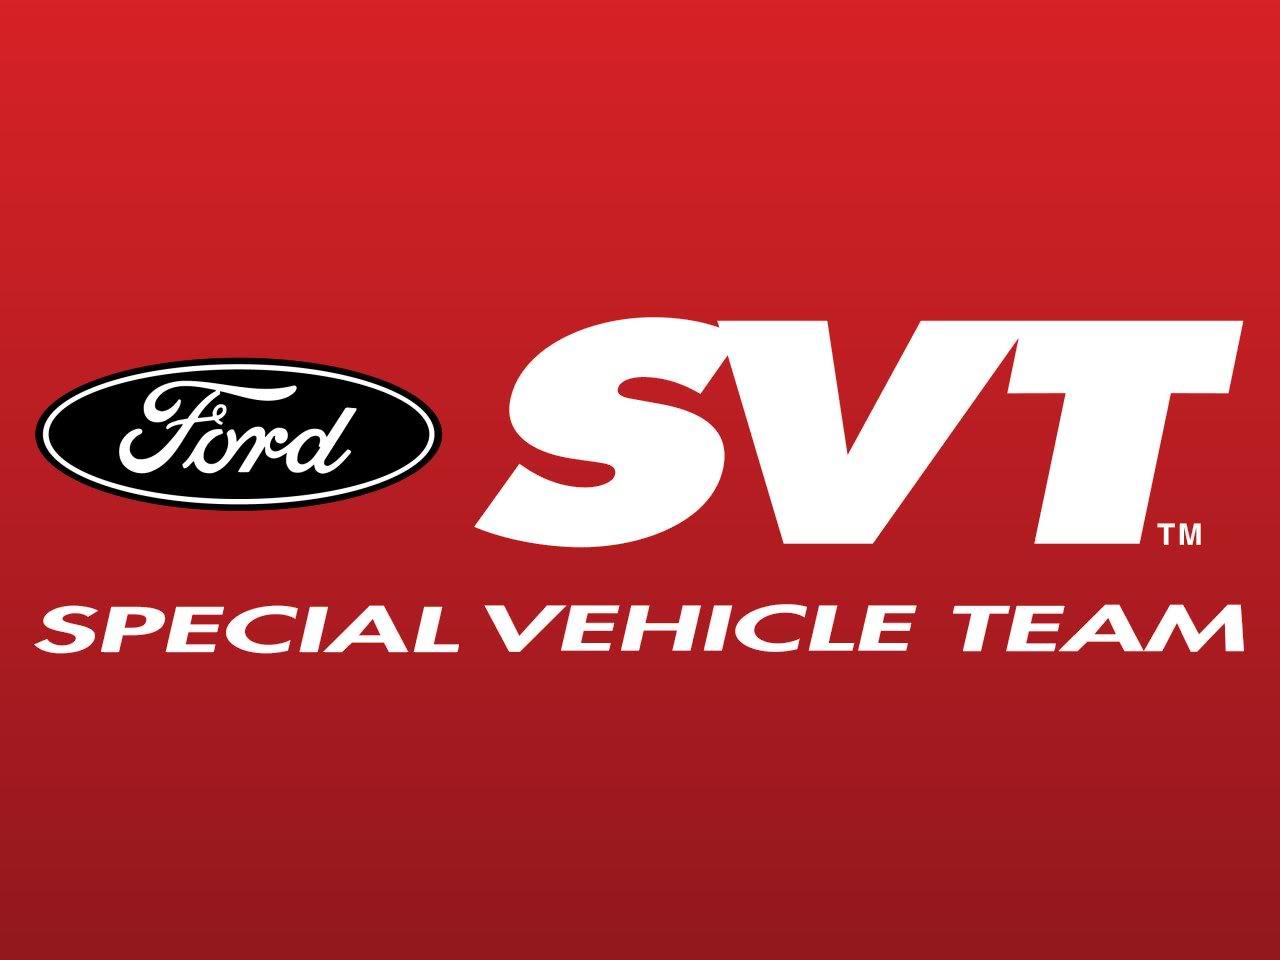 Ford_SVT_Logo_02.jpg